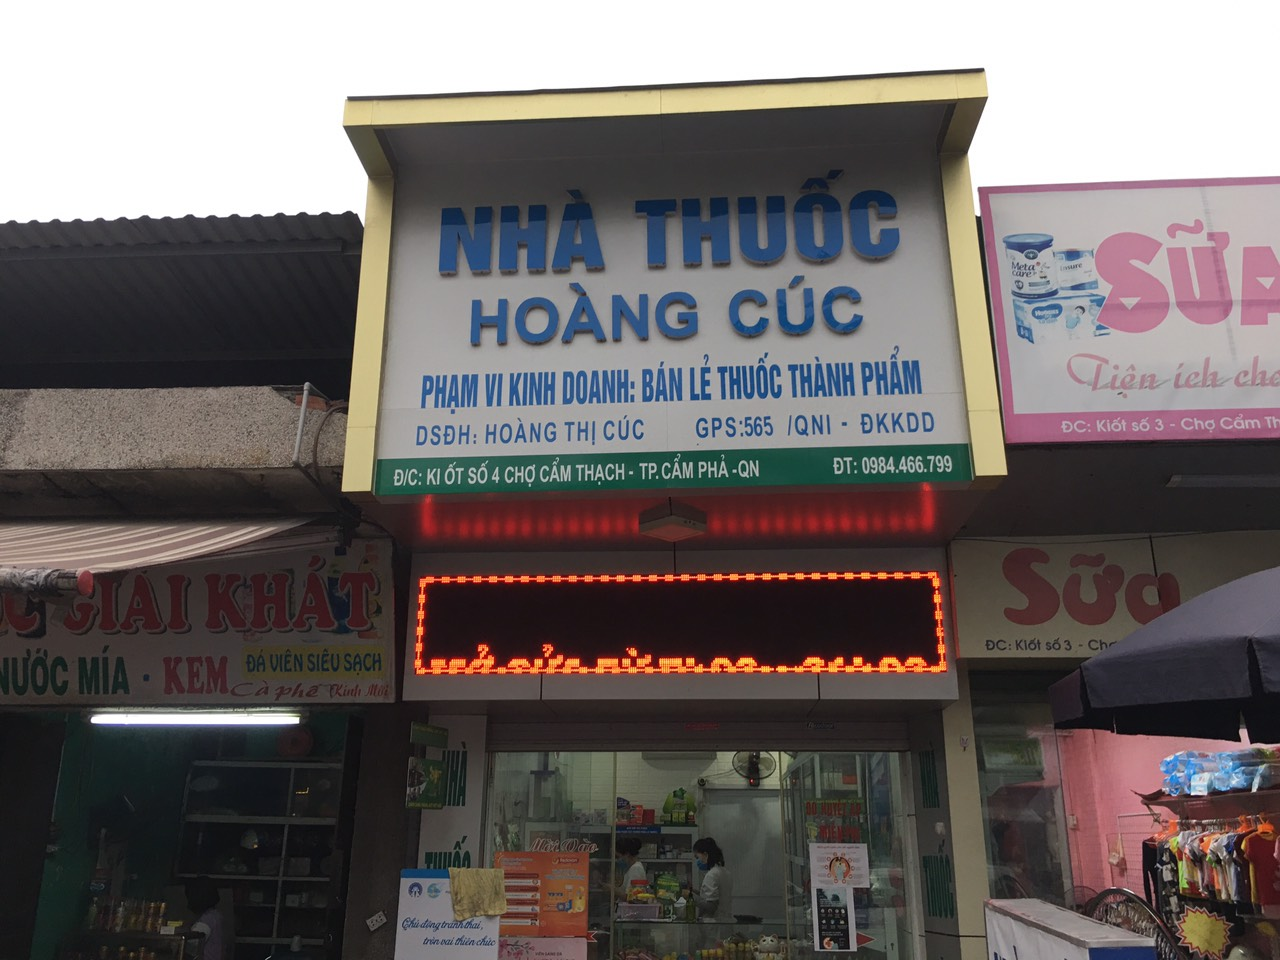 Nhà thuốc Hoàng Cúc